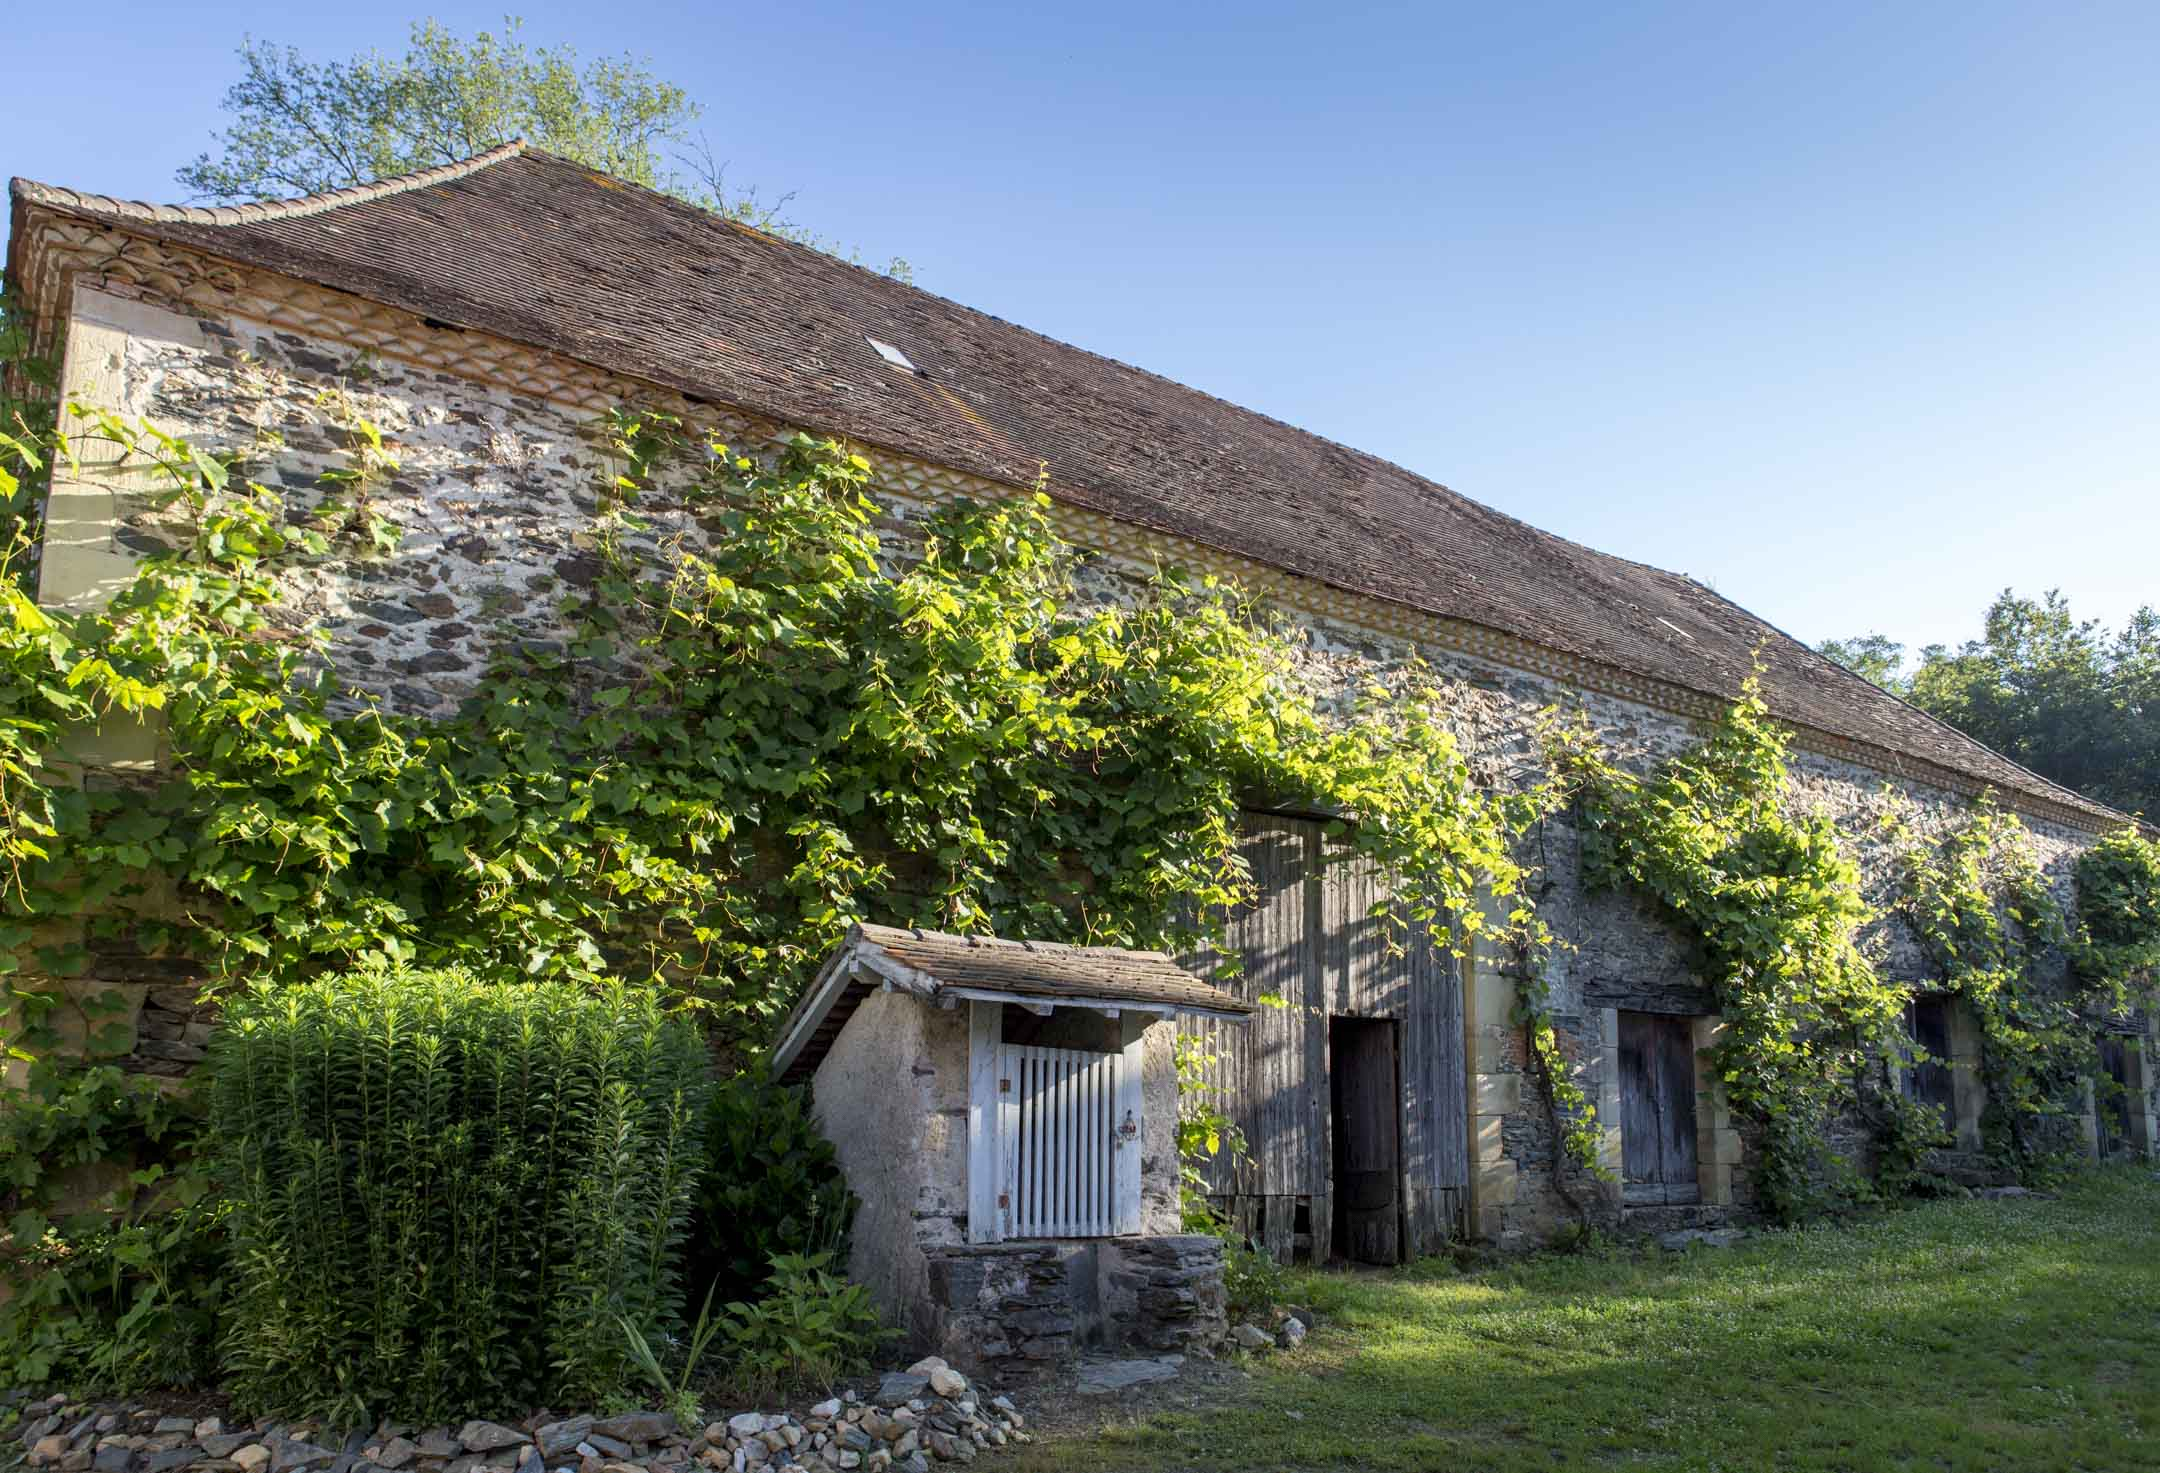 Kopie van Kopie van Vakantiehuis_Gengiraud_Dordogne_LD_lr_20180618-0662.JPG